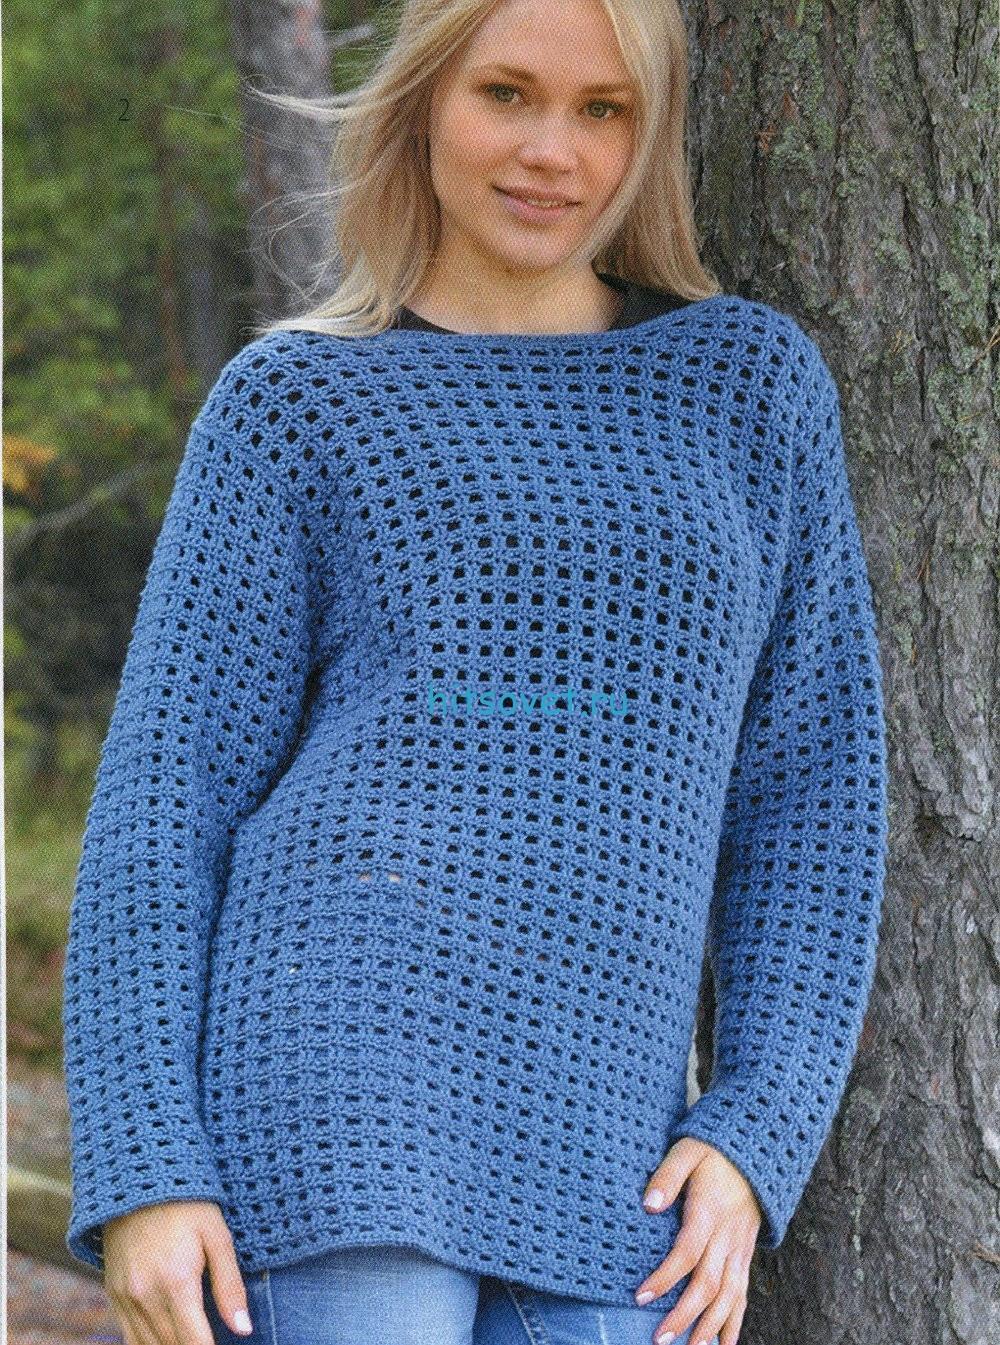 Вязание крючком пуловера описание